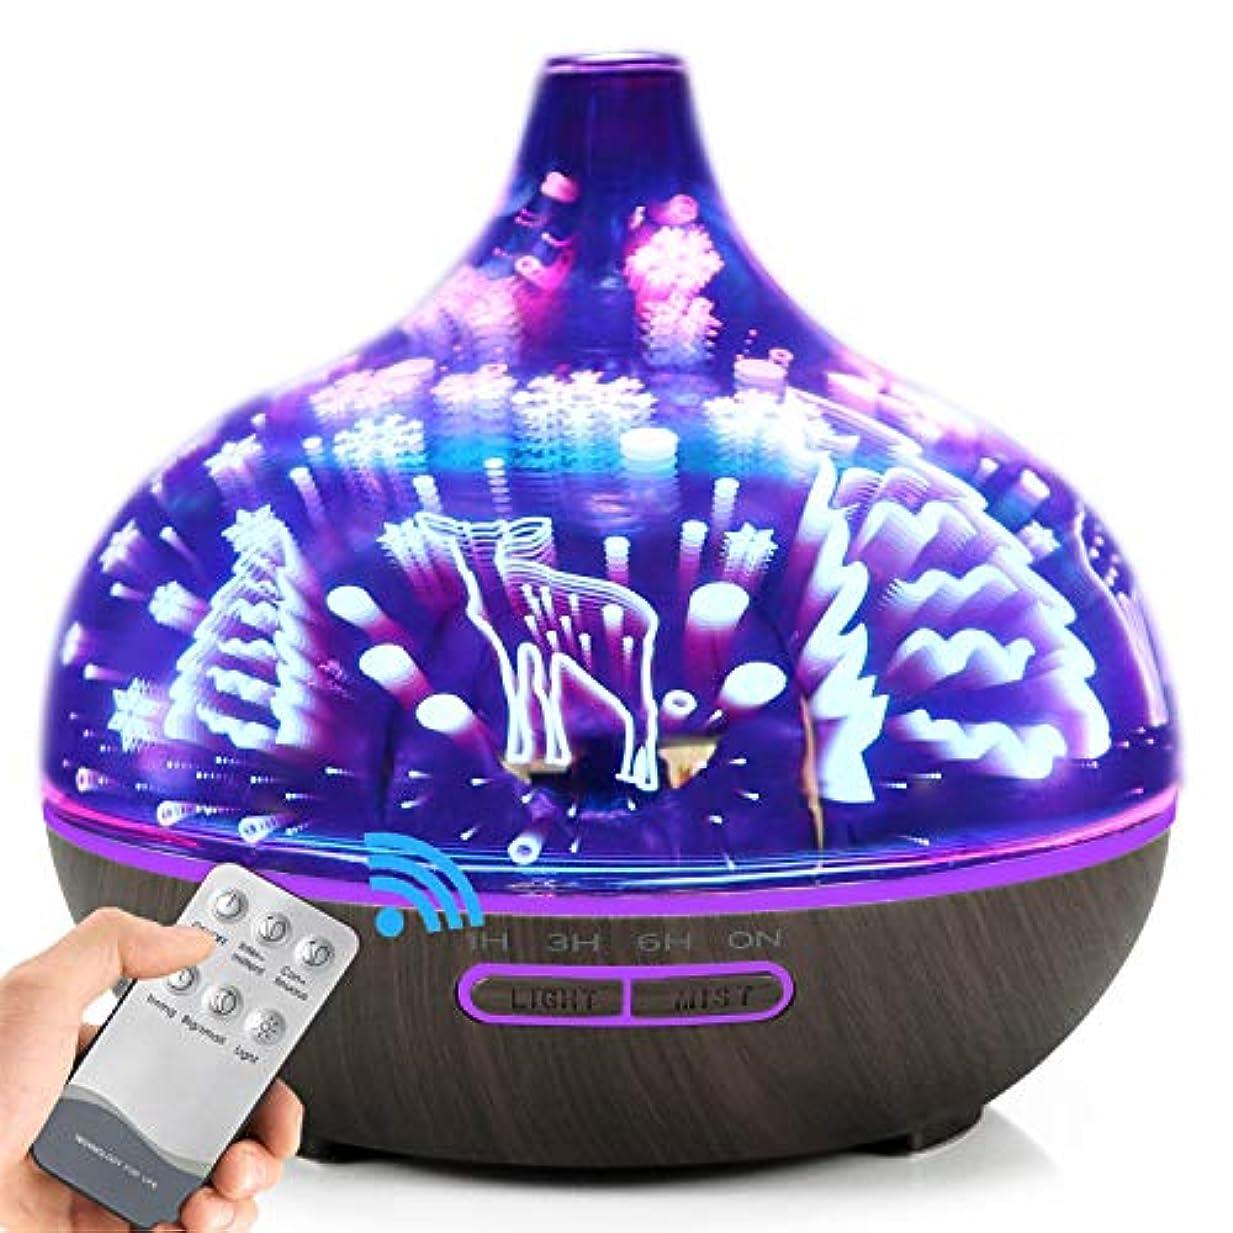 言い換えると没頭するベテランAXNYLHY Essential Oil Diffuser,400ml Aroma Diffuser 3D Colorful LED Night Light Glass humidifiers for Bedroom,...